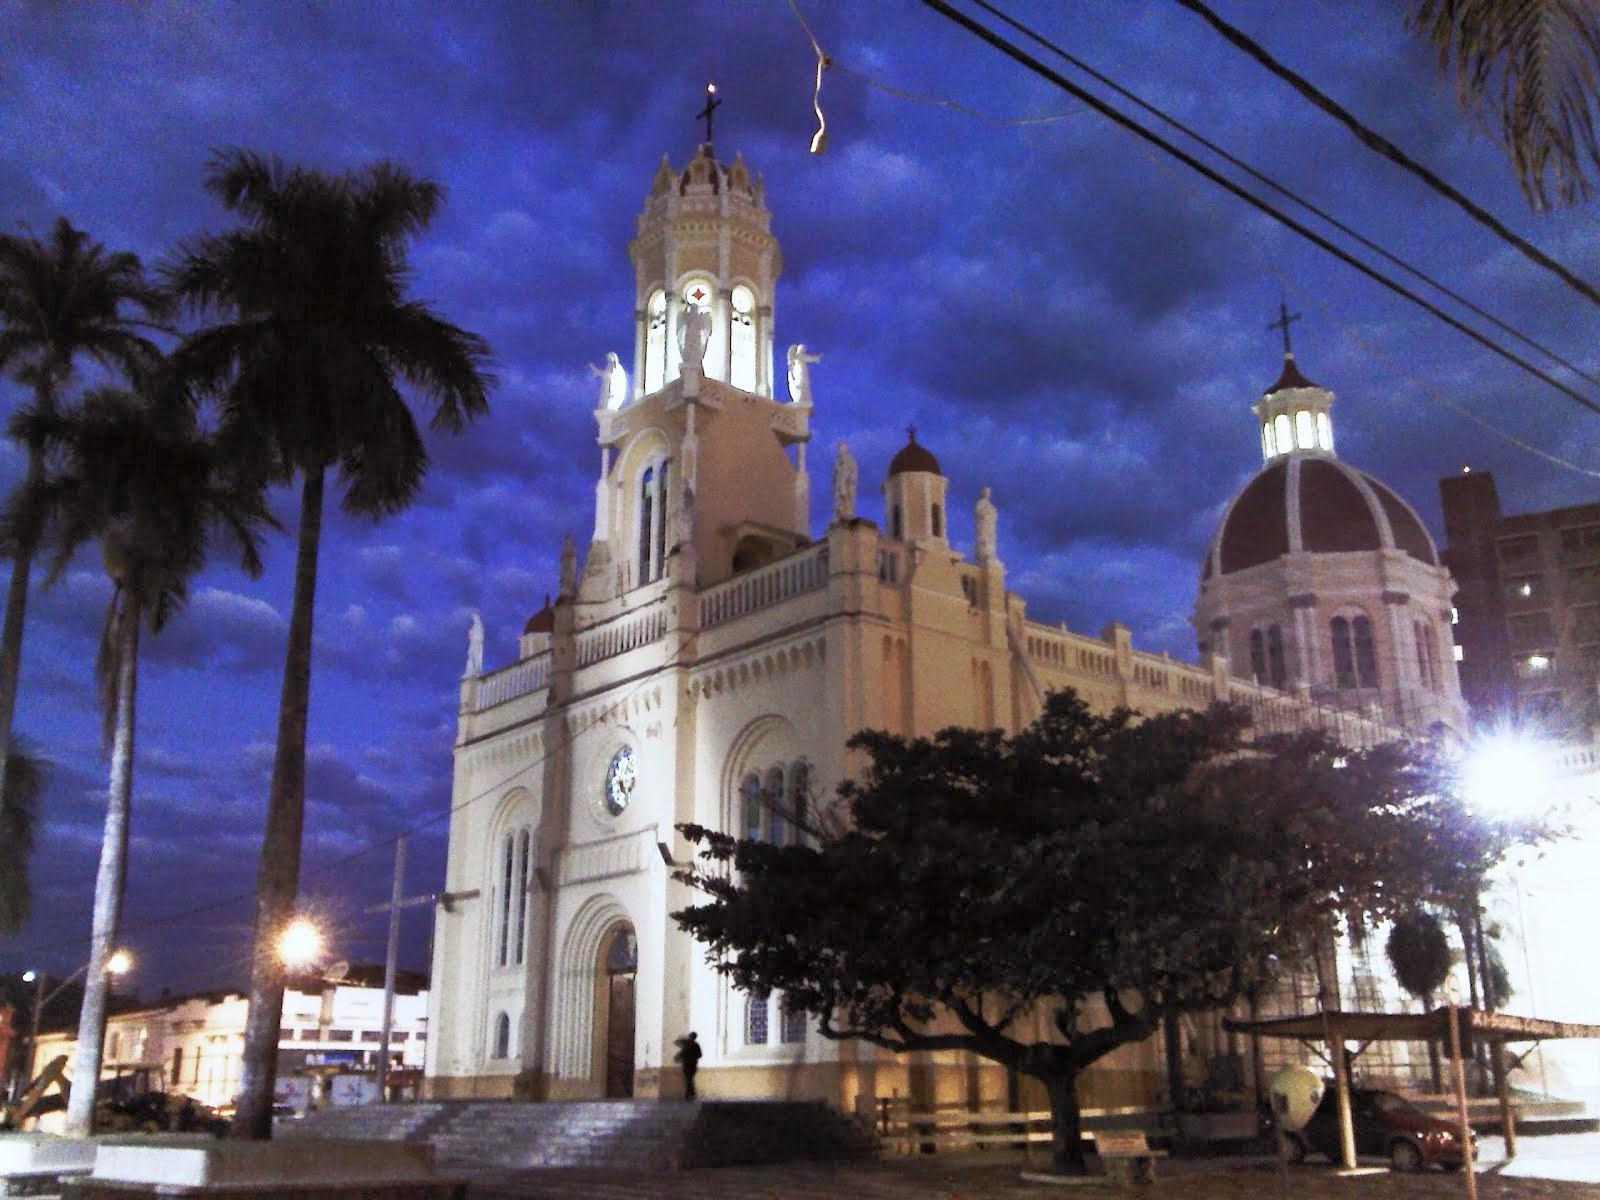 Orb na Catedral Matriz de Pinhal, SP - 13/07/2013